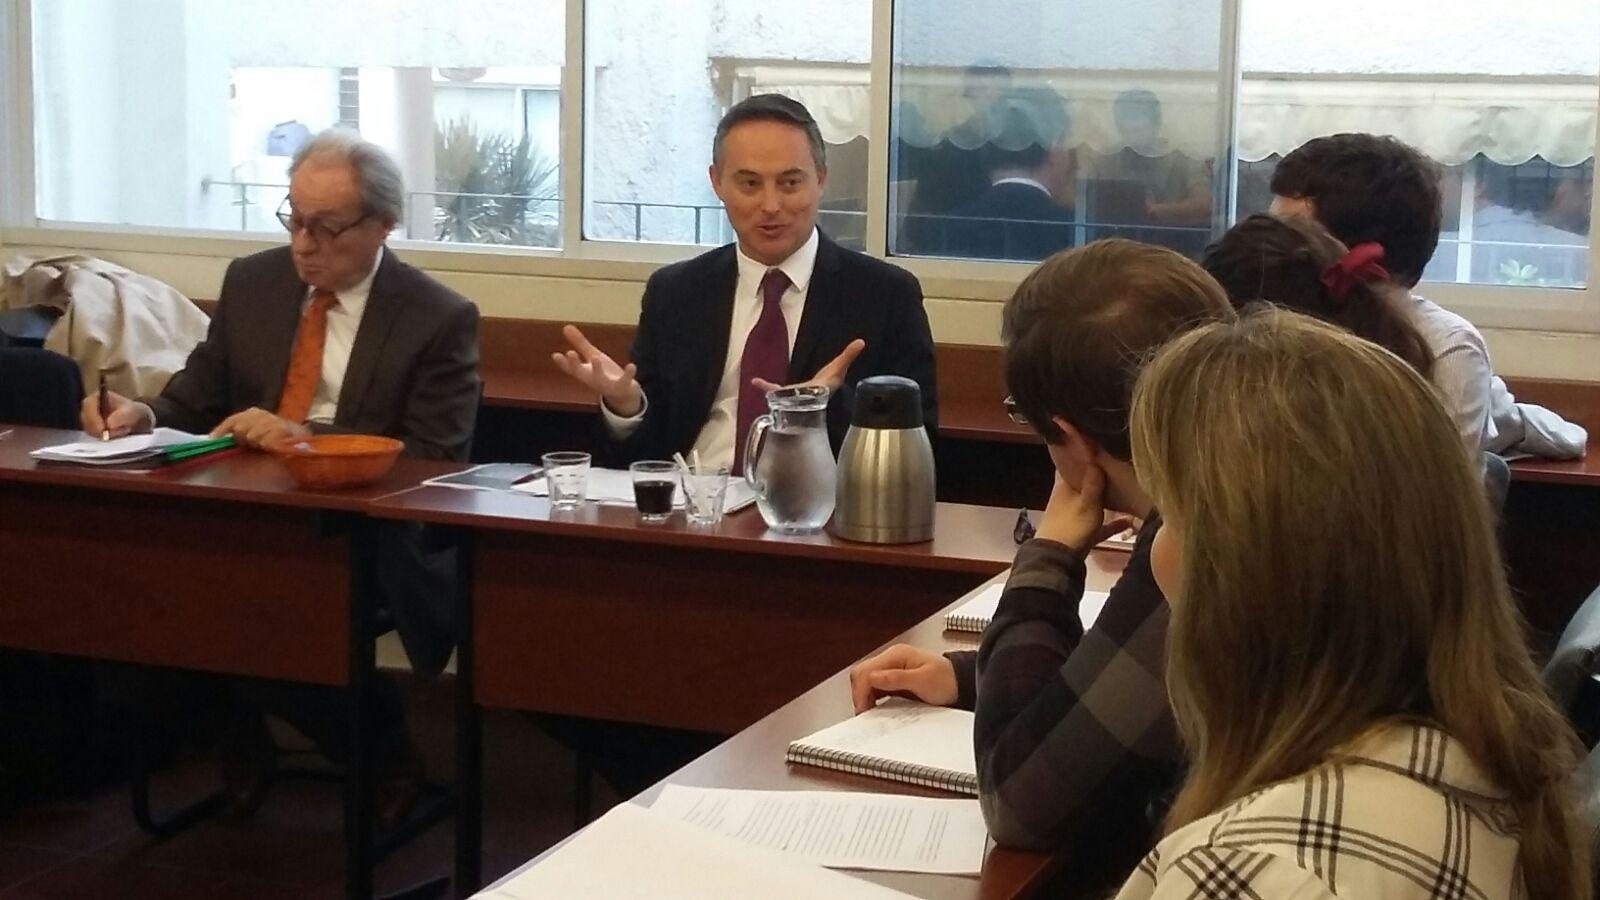 Diplomáticos visitaron clase de la Licenciatura en Estudios Internacionales en el marco del ciclo Dialogando con los Embajadores